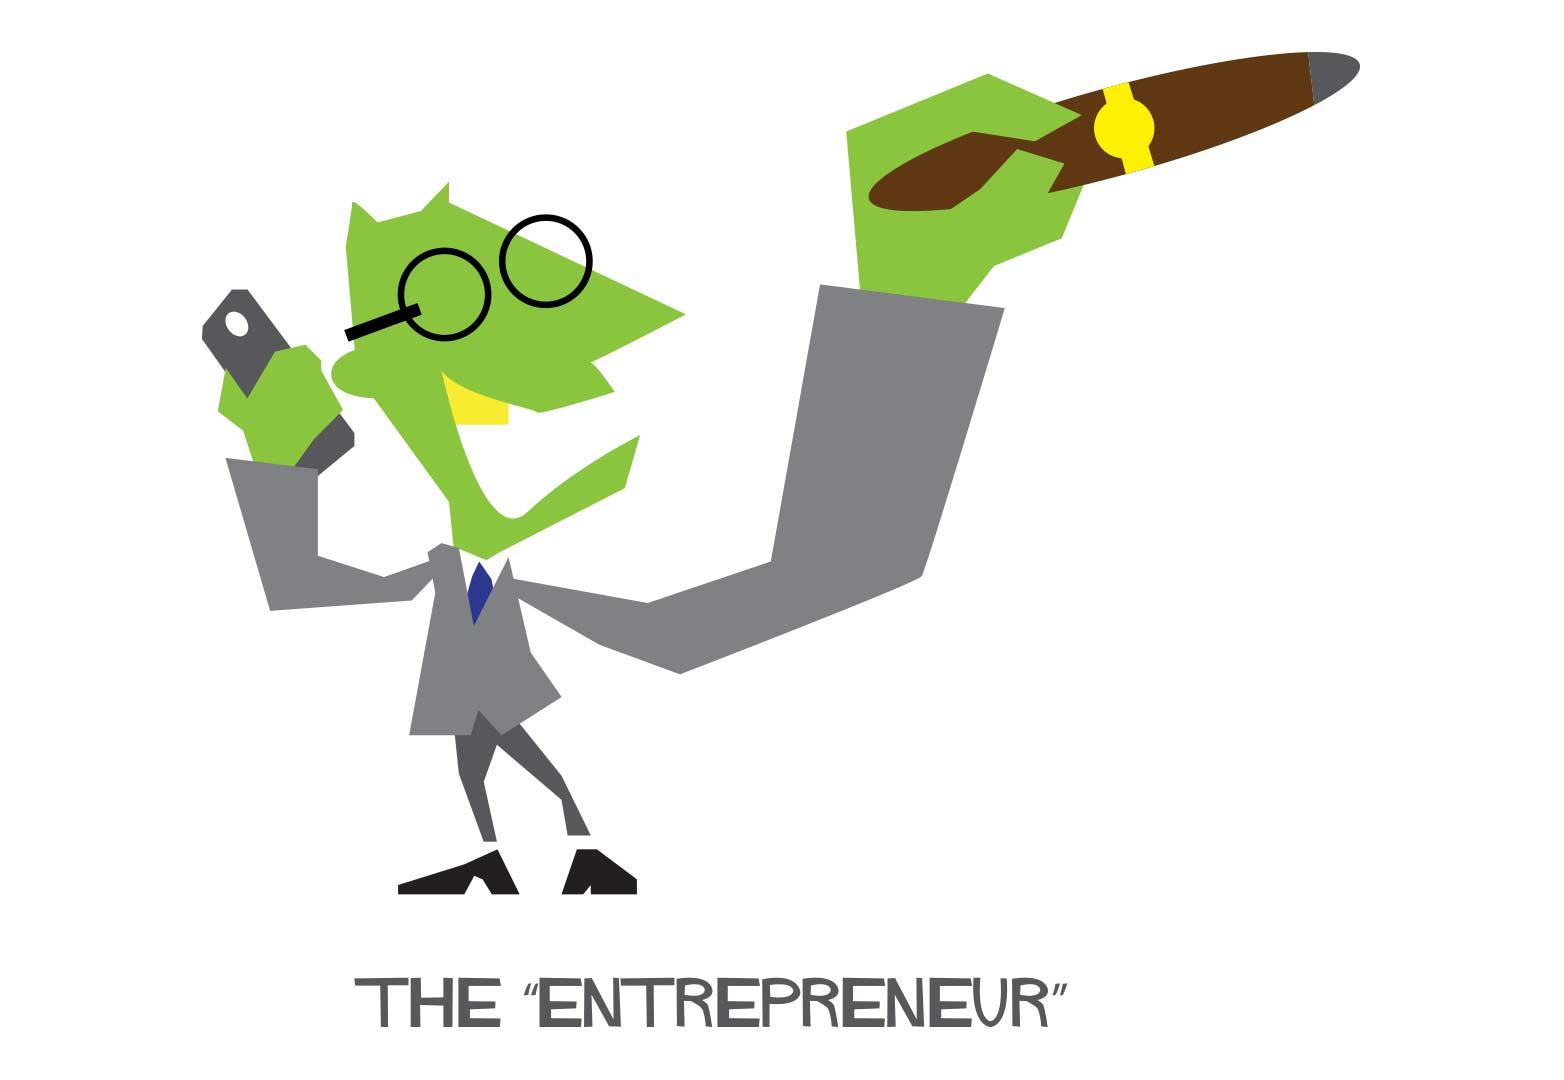 ondernemer